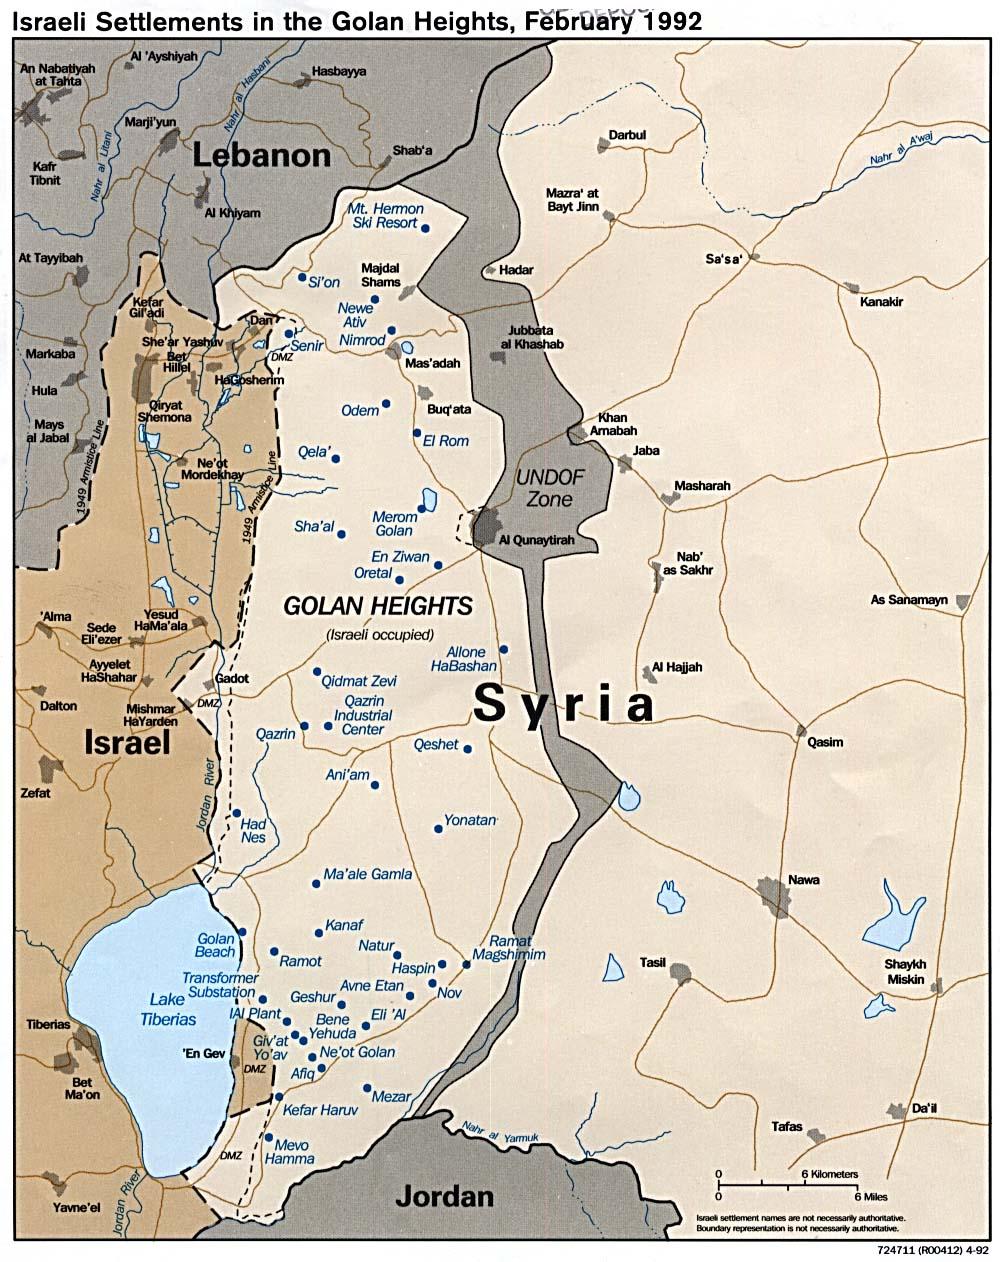 Establecimientos israelíes in el Golan Heights 1992..